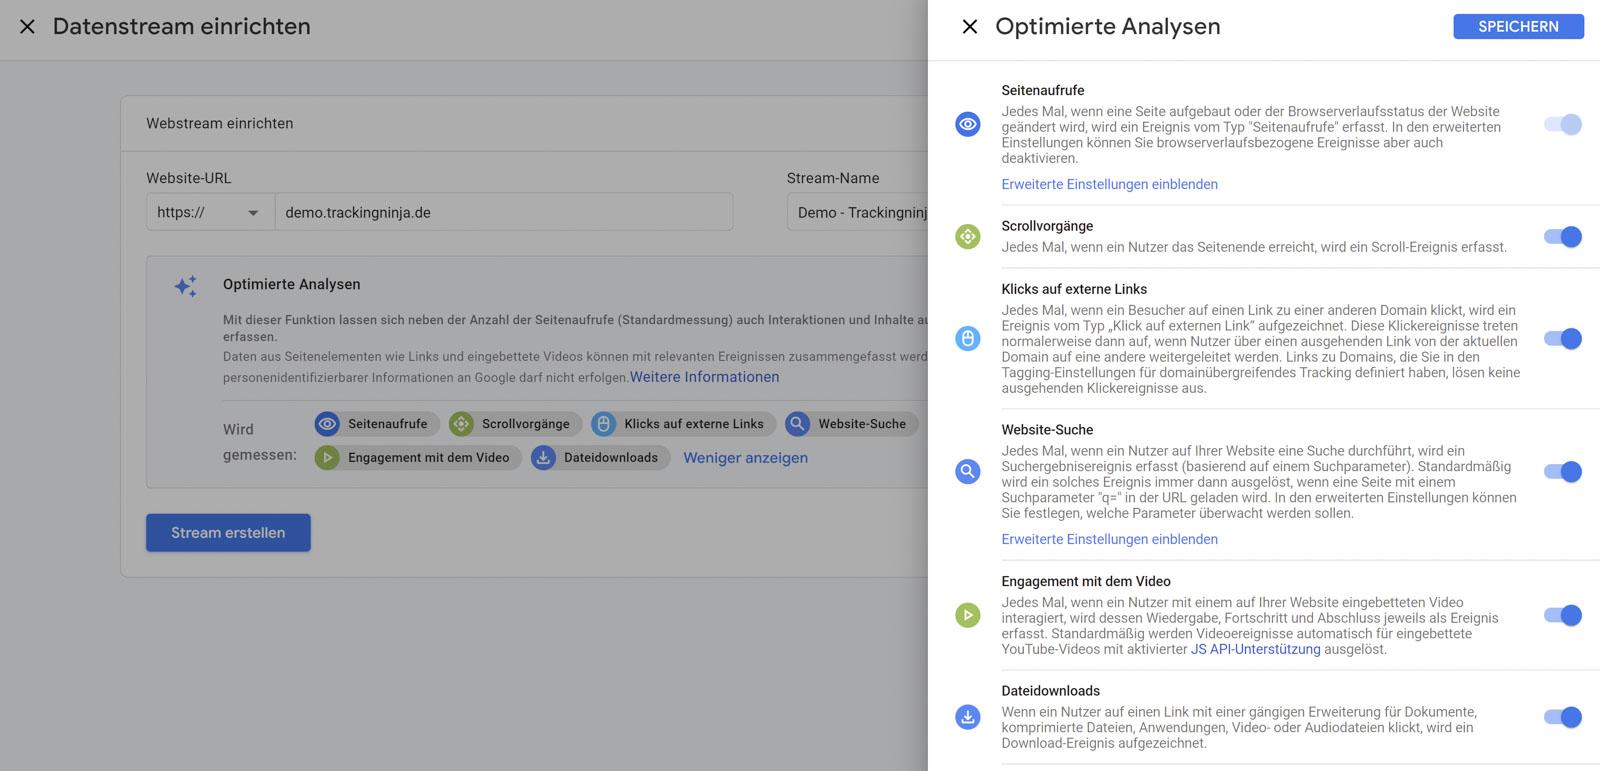 Google Analytics 4 - Optimierte Analysen